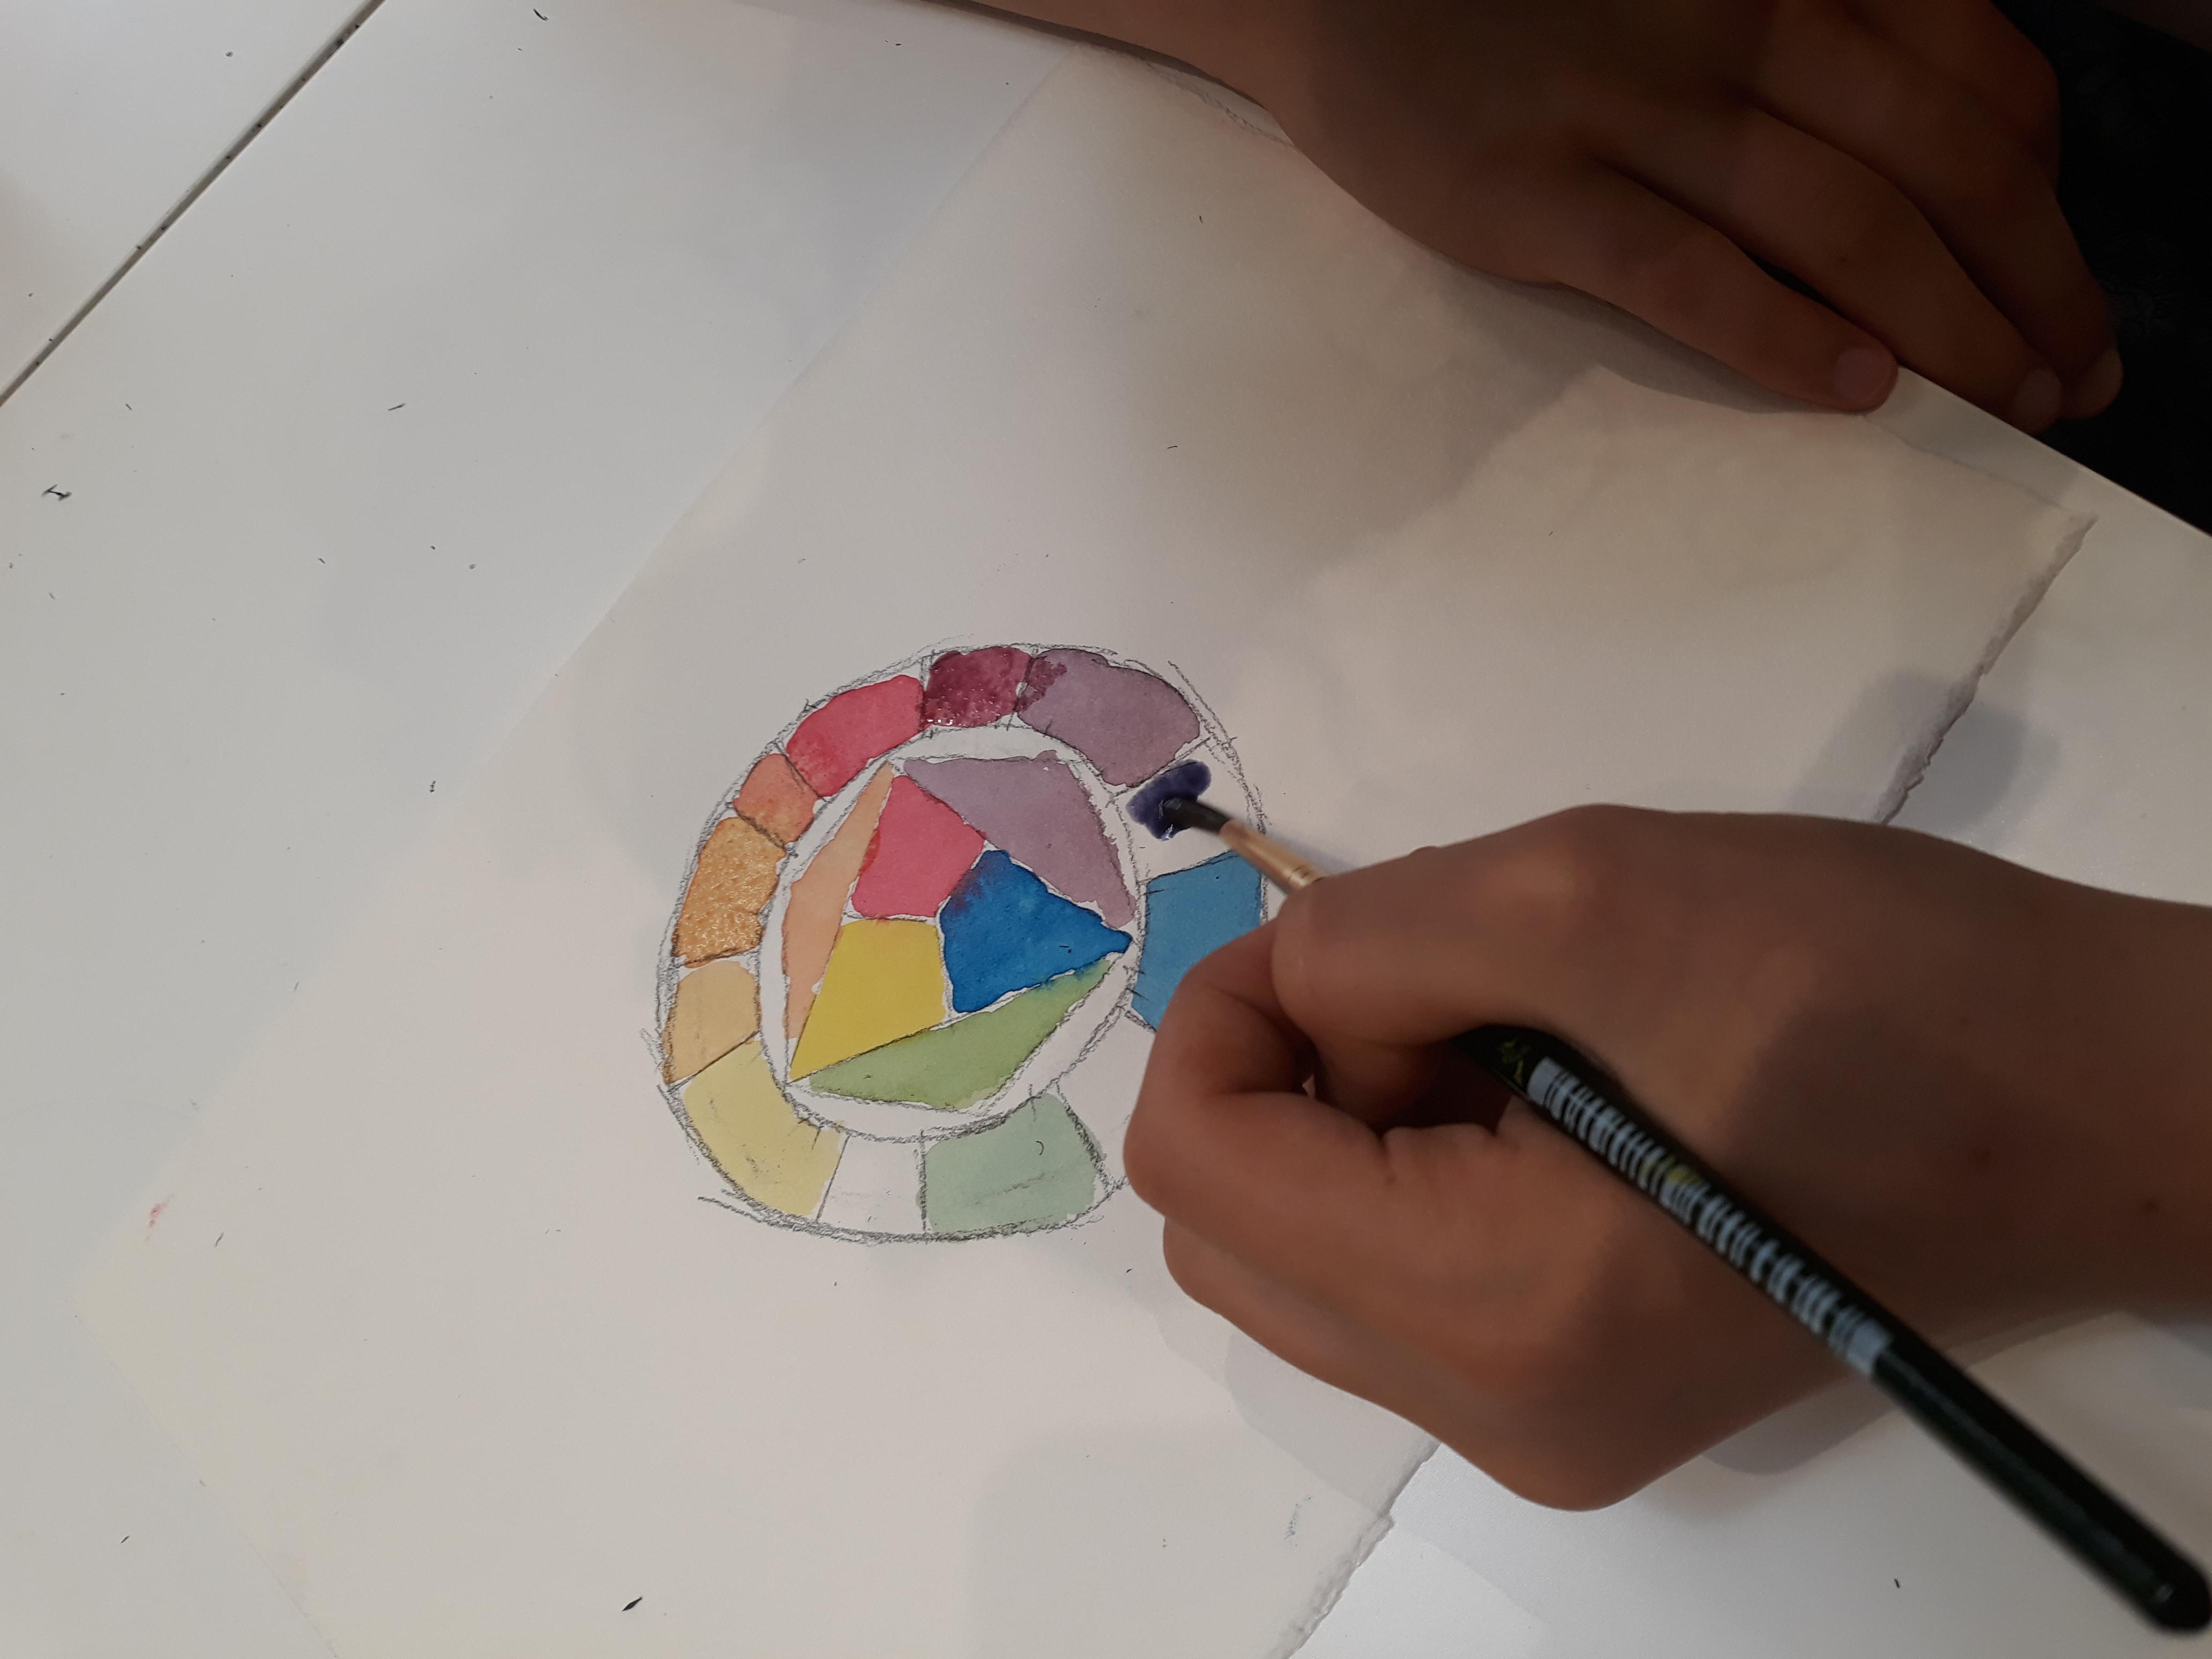 Le tecniche pittoriche